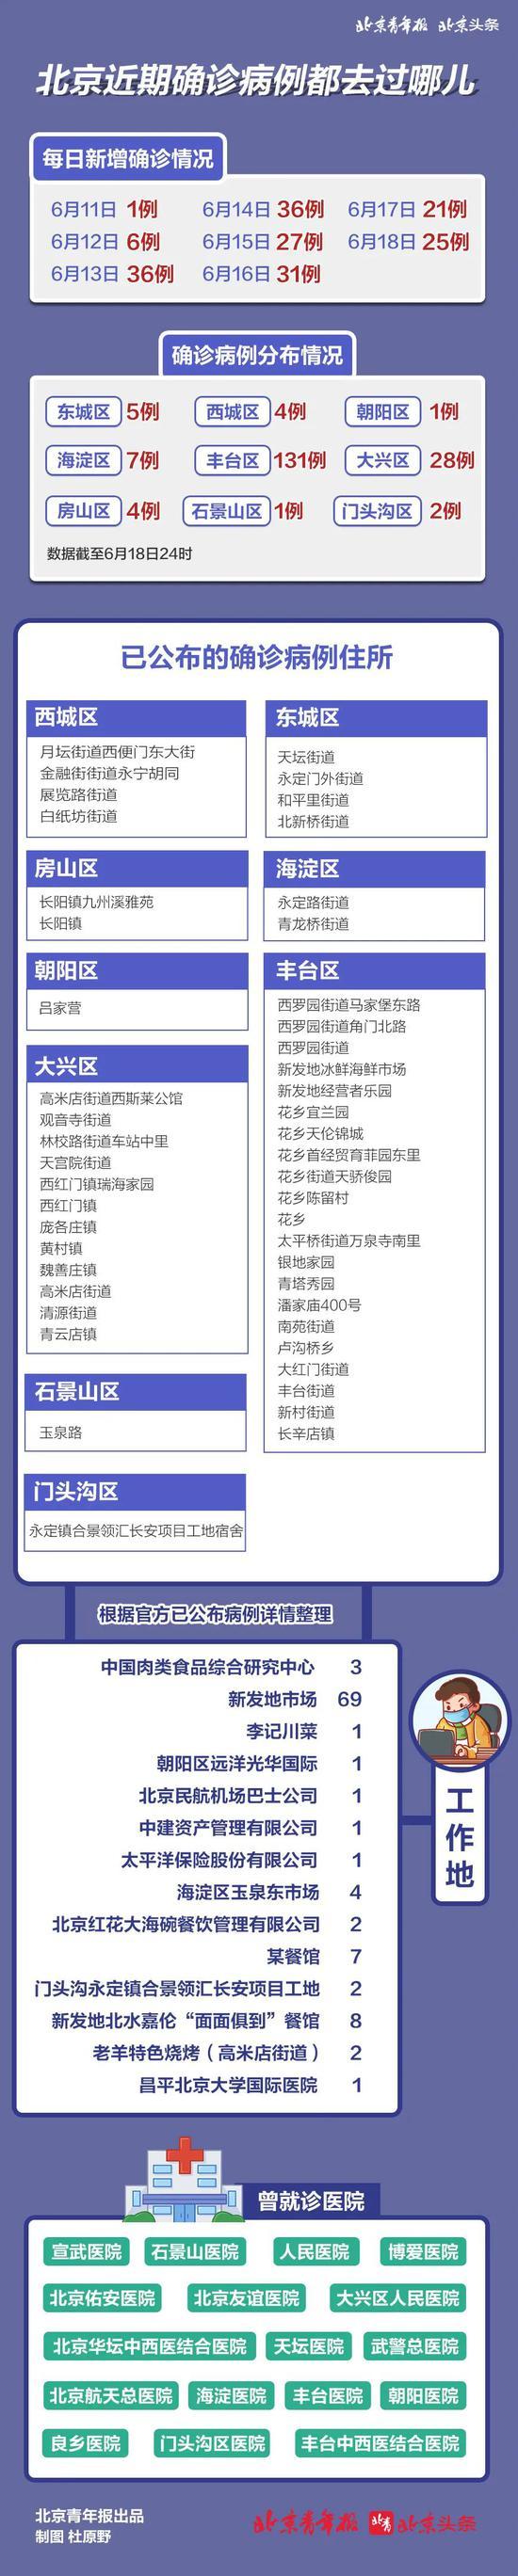 北京已公布詳情的127例去過哪些地方?一圖看懂圖片